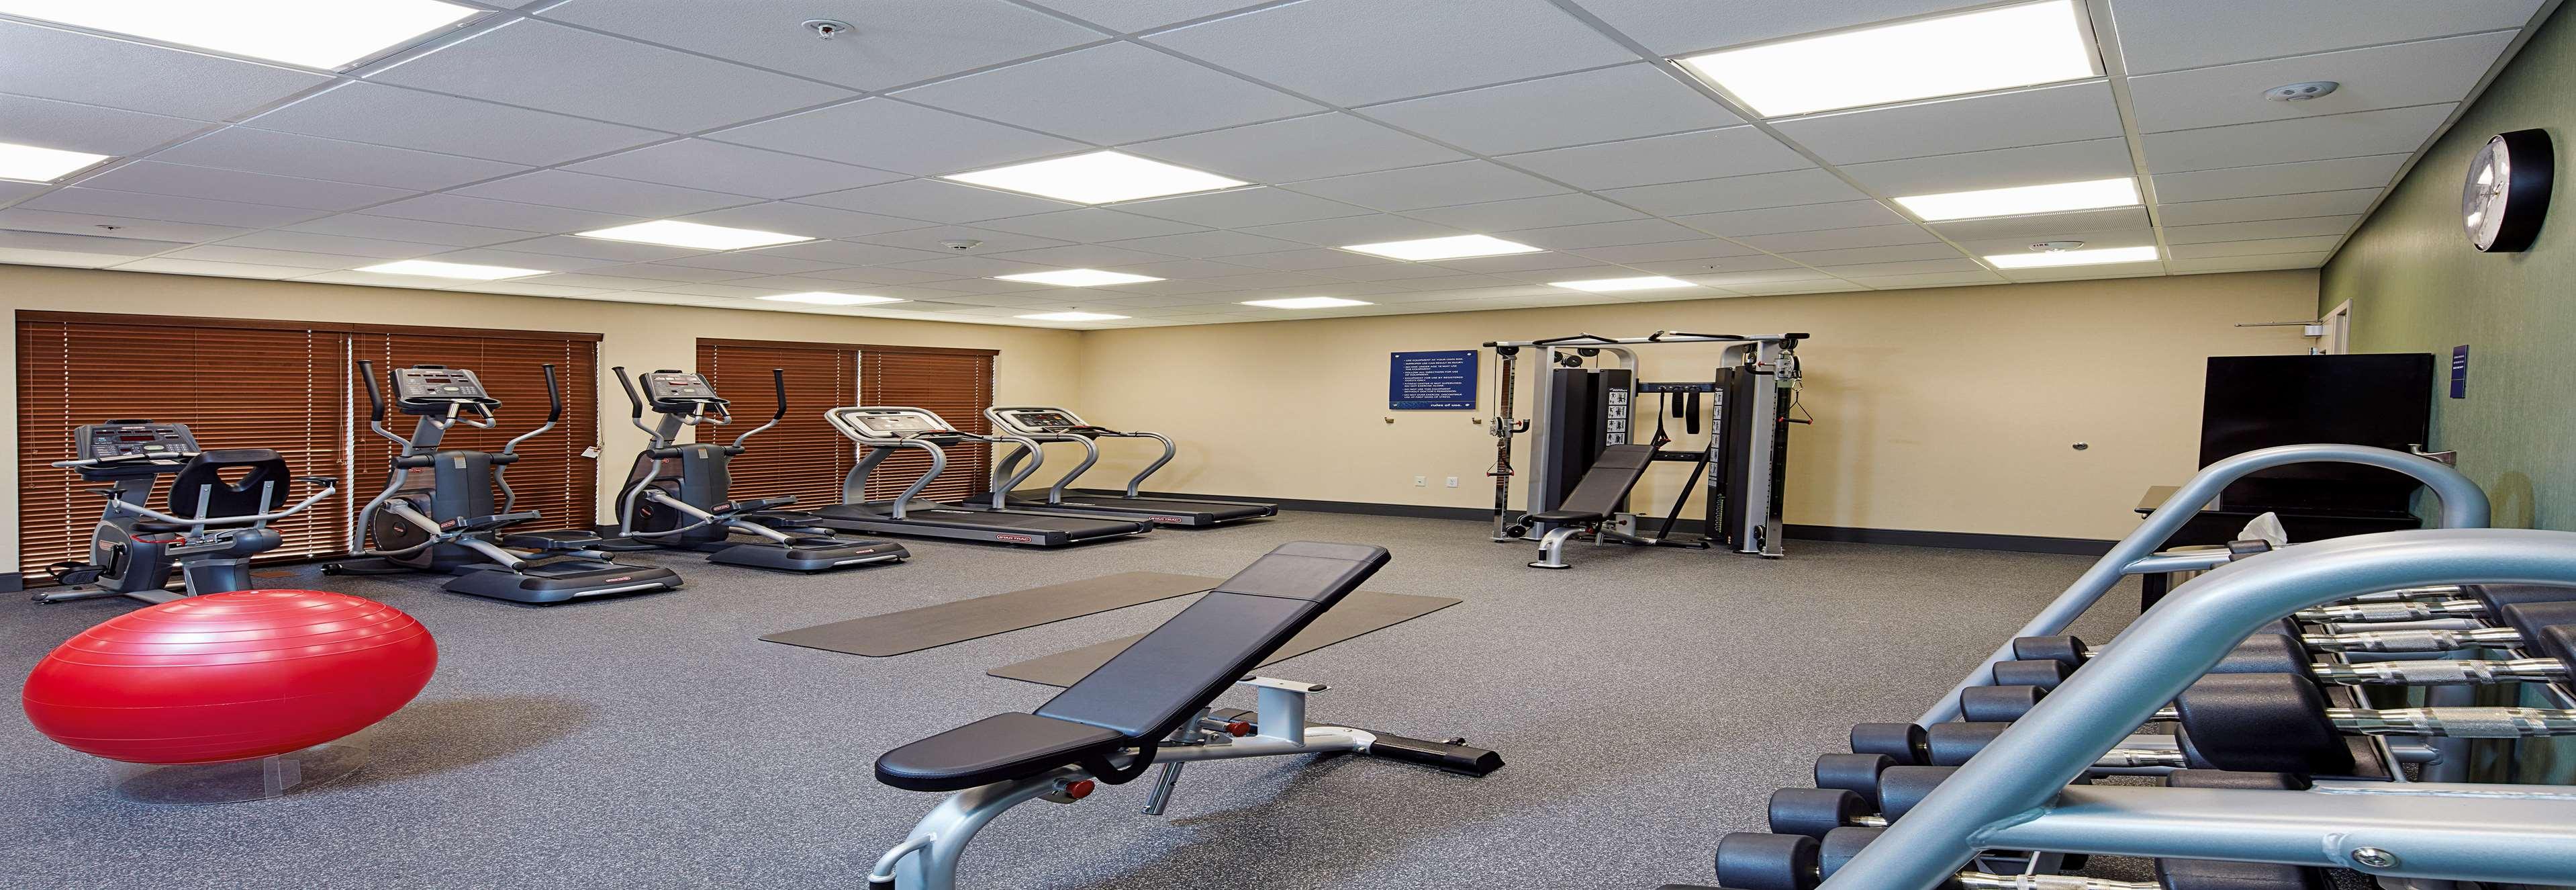 Hampton Inn & Suites Sacramento at CSUS image 16